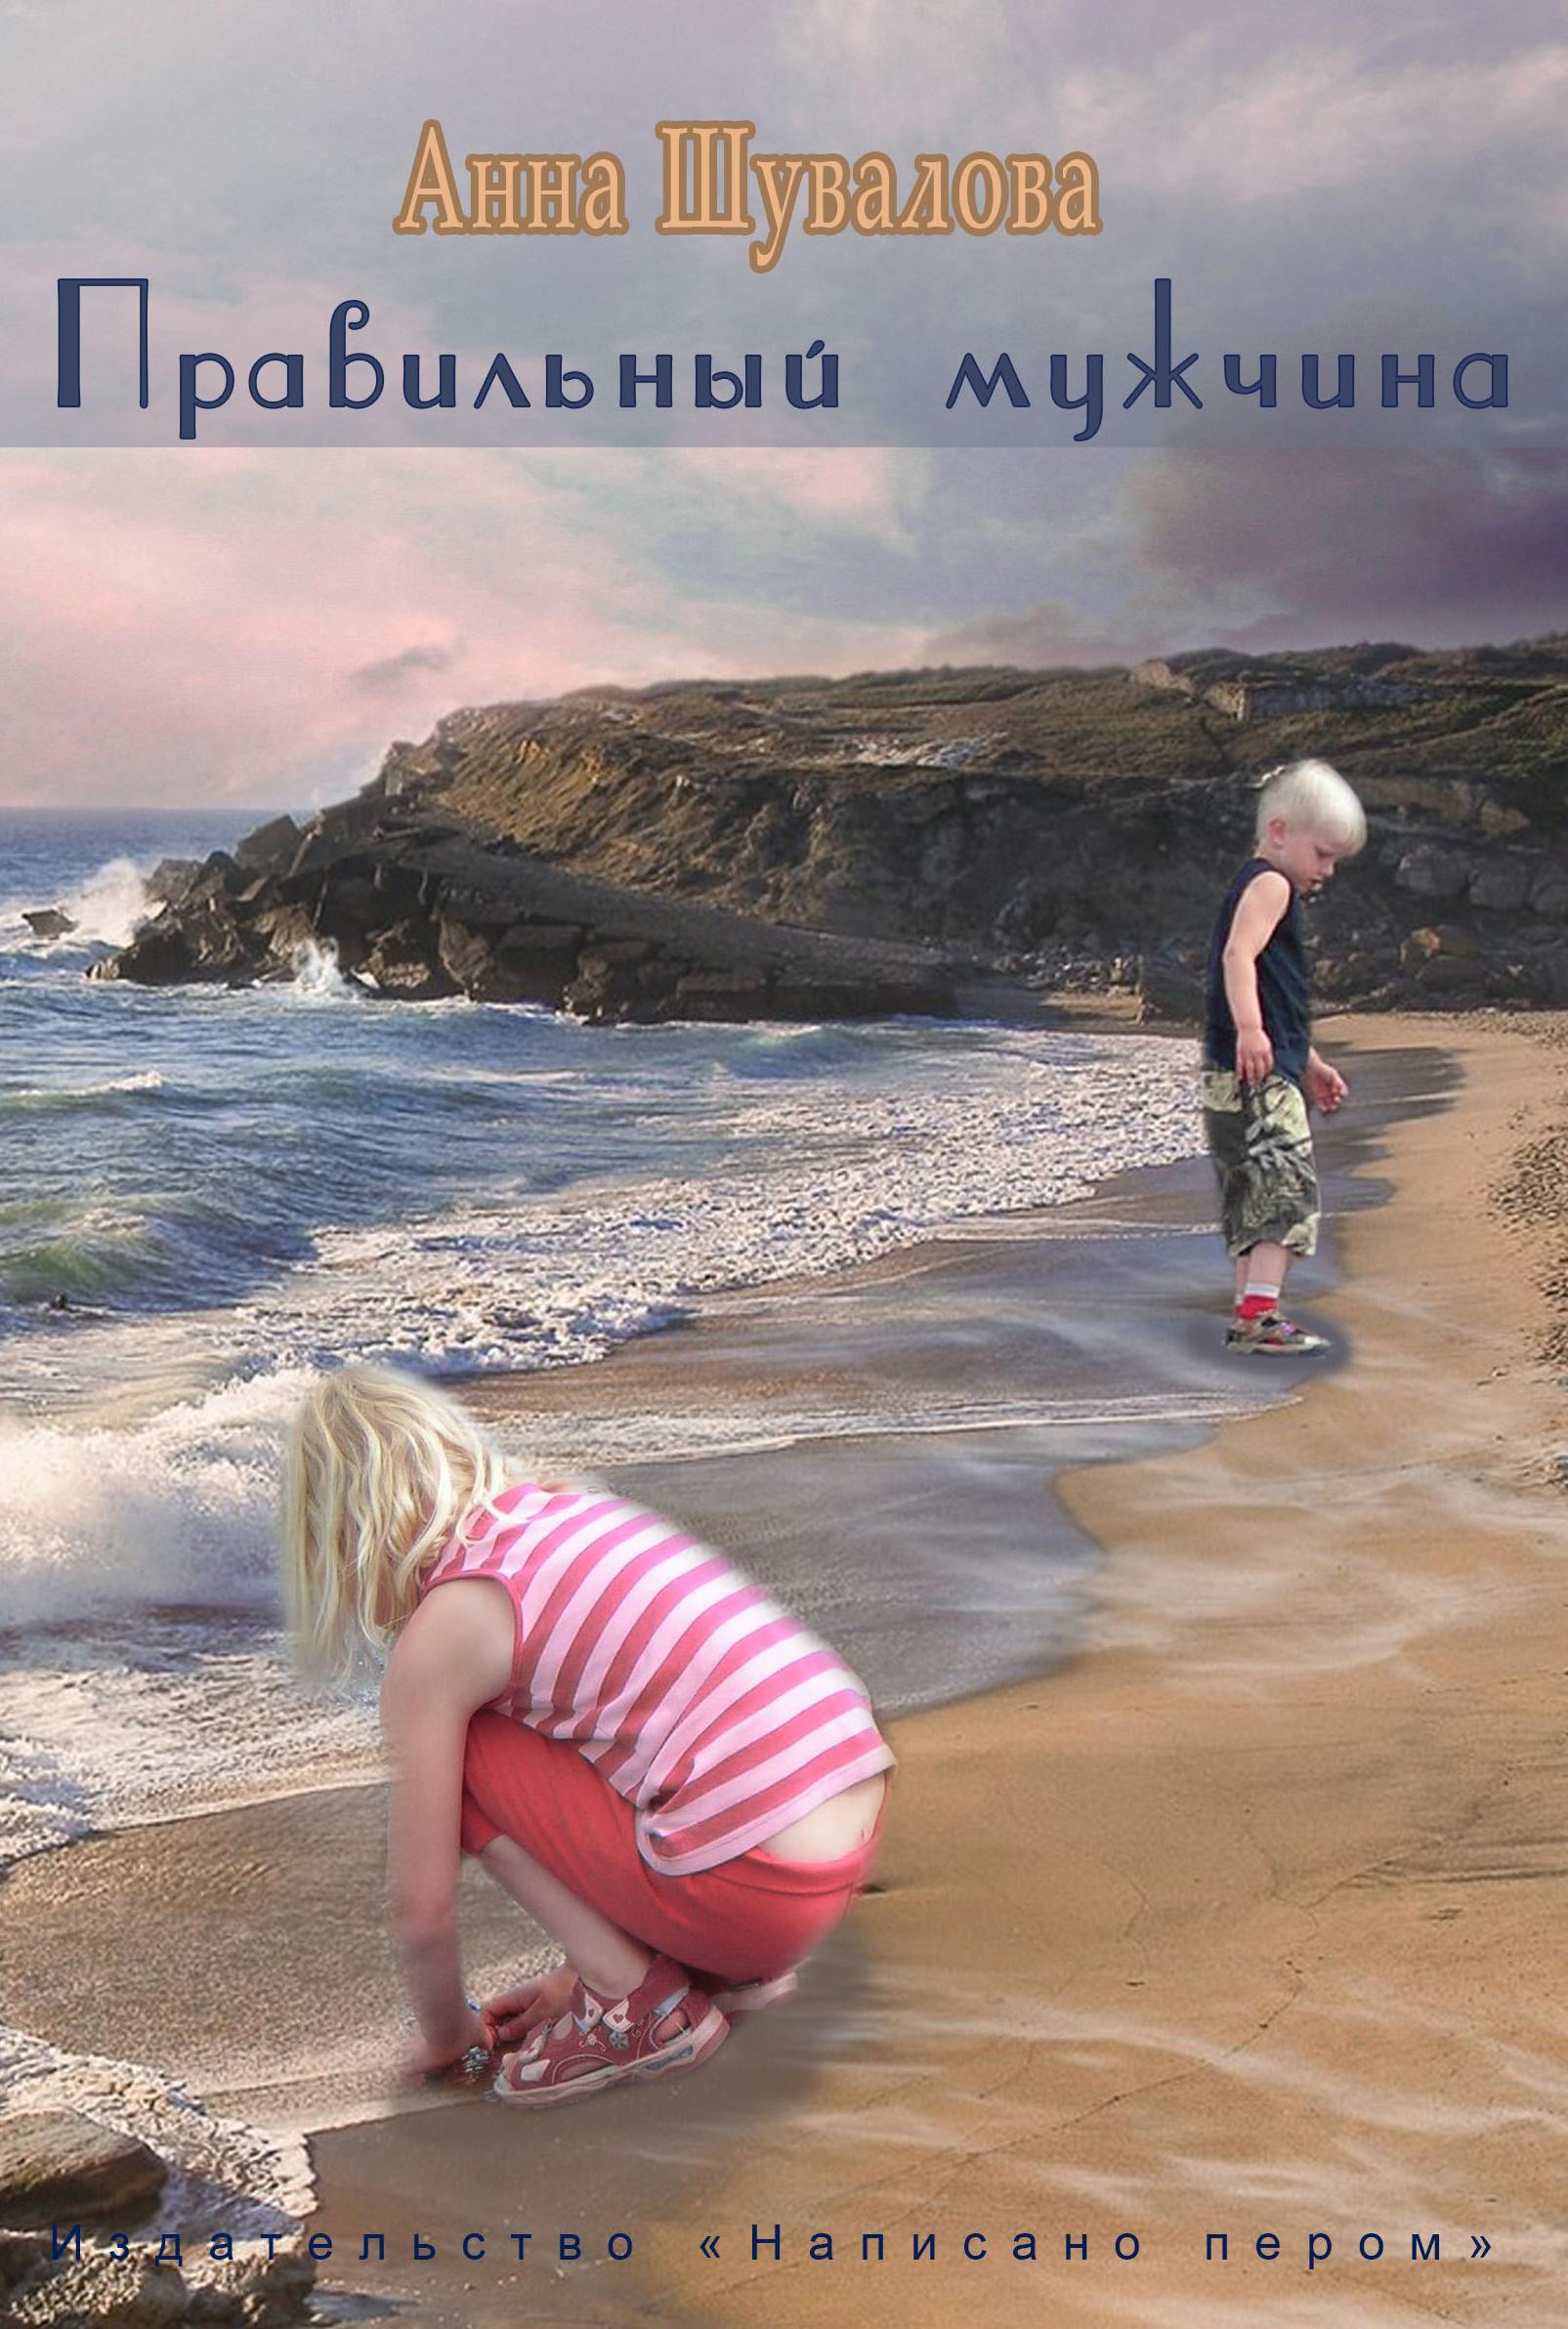 Анна Шувалова Правильный мужчина елена юрьевна антонович 10 ошибок любви и как их исправить чтобы мужчина любил вас всю жизнь